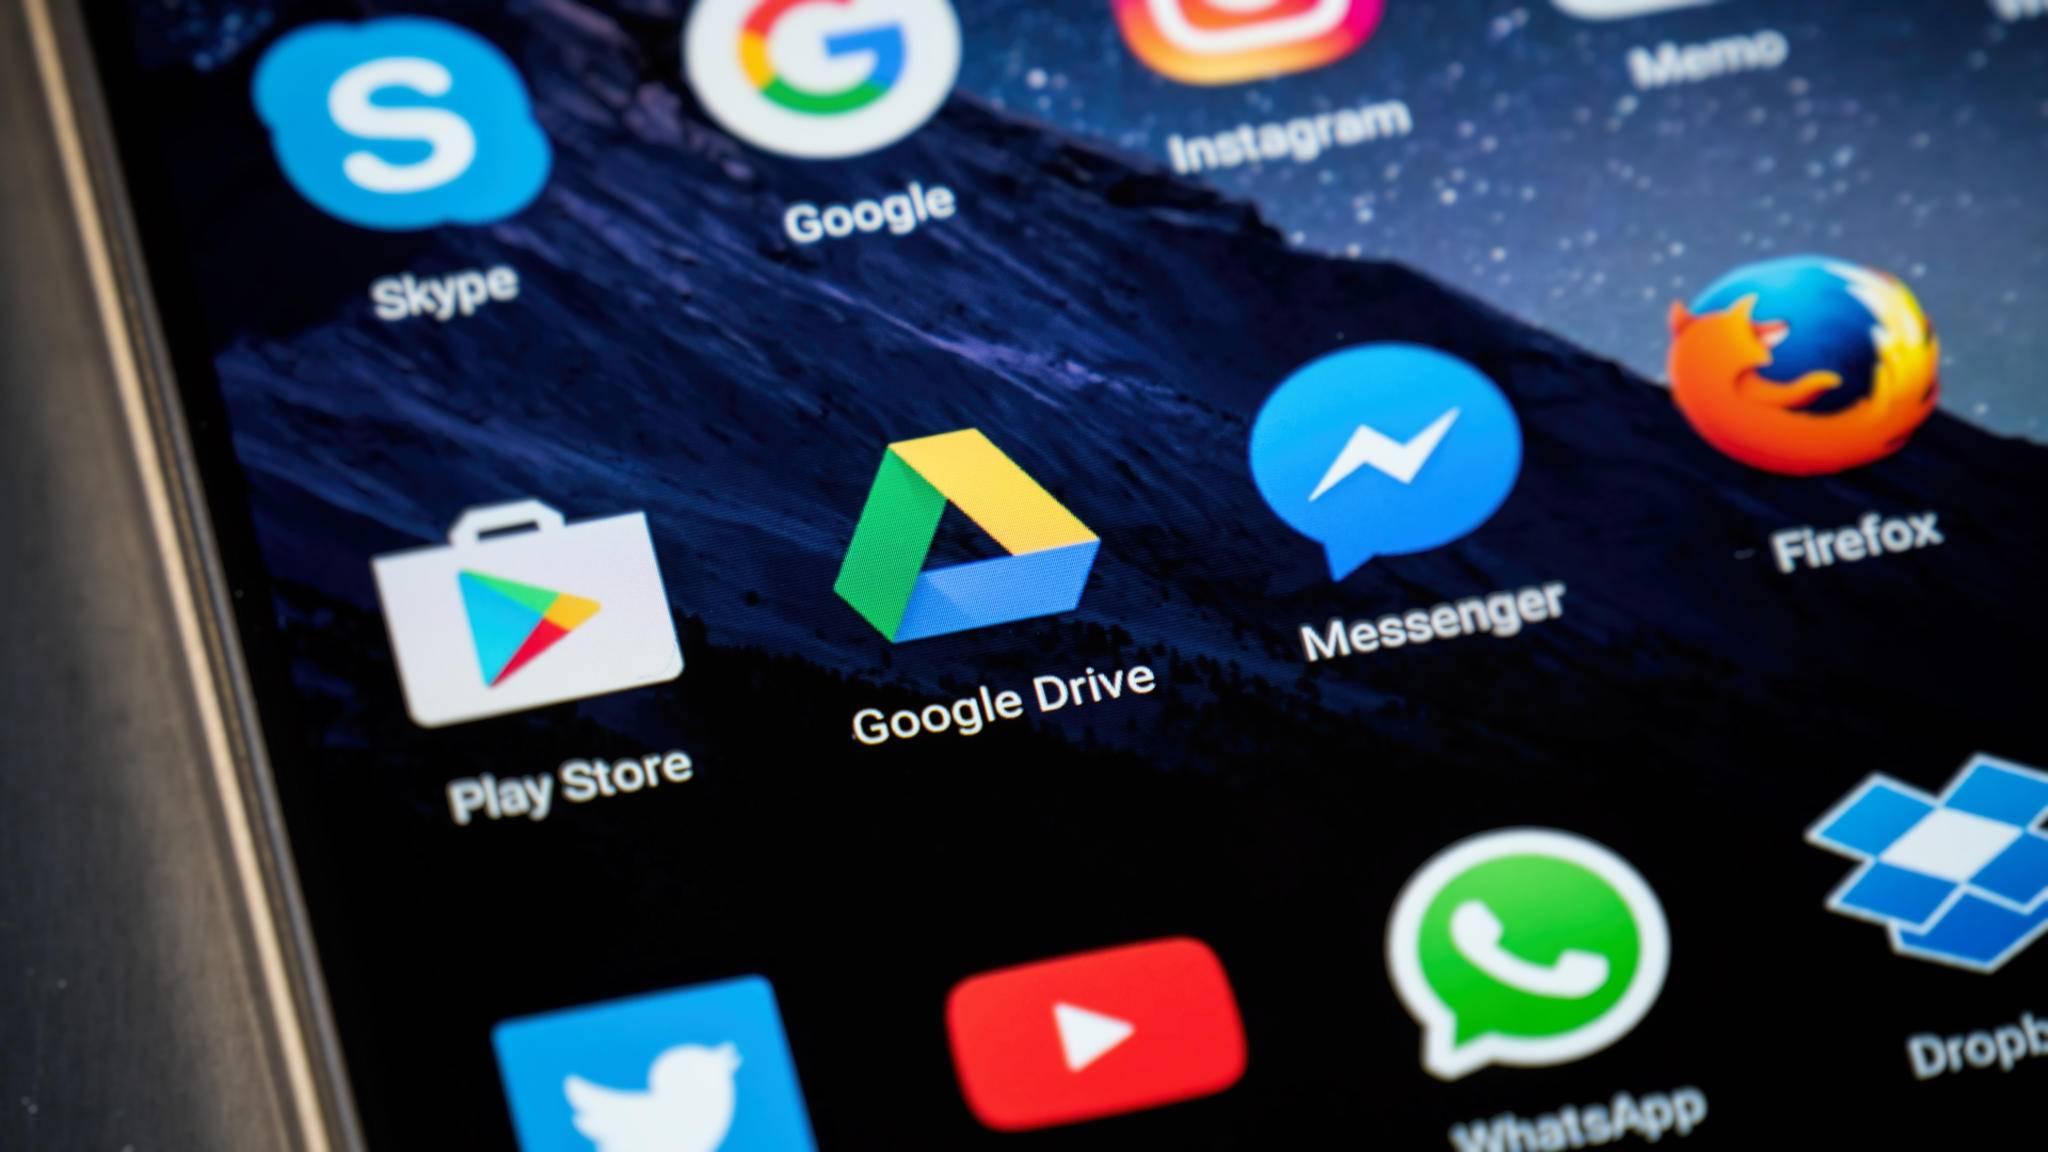 Google-Drive-Daten kannst Du demnächst direkt über die Android-Suche finden.